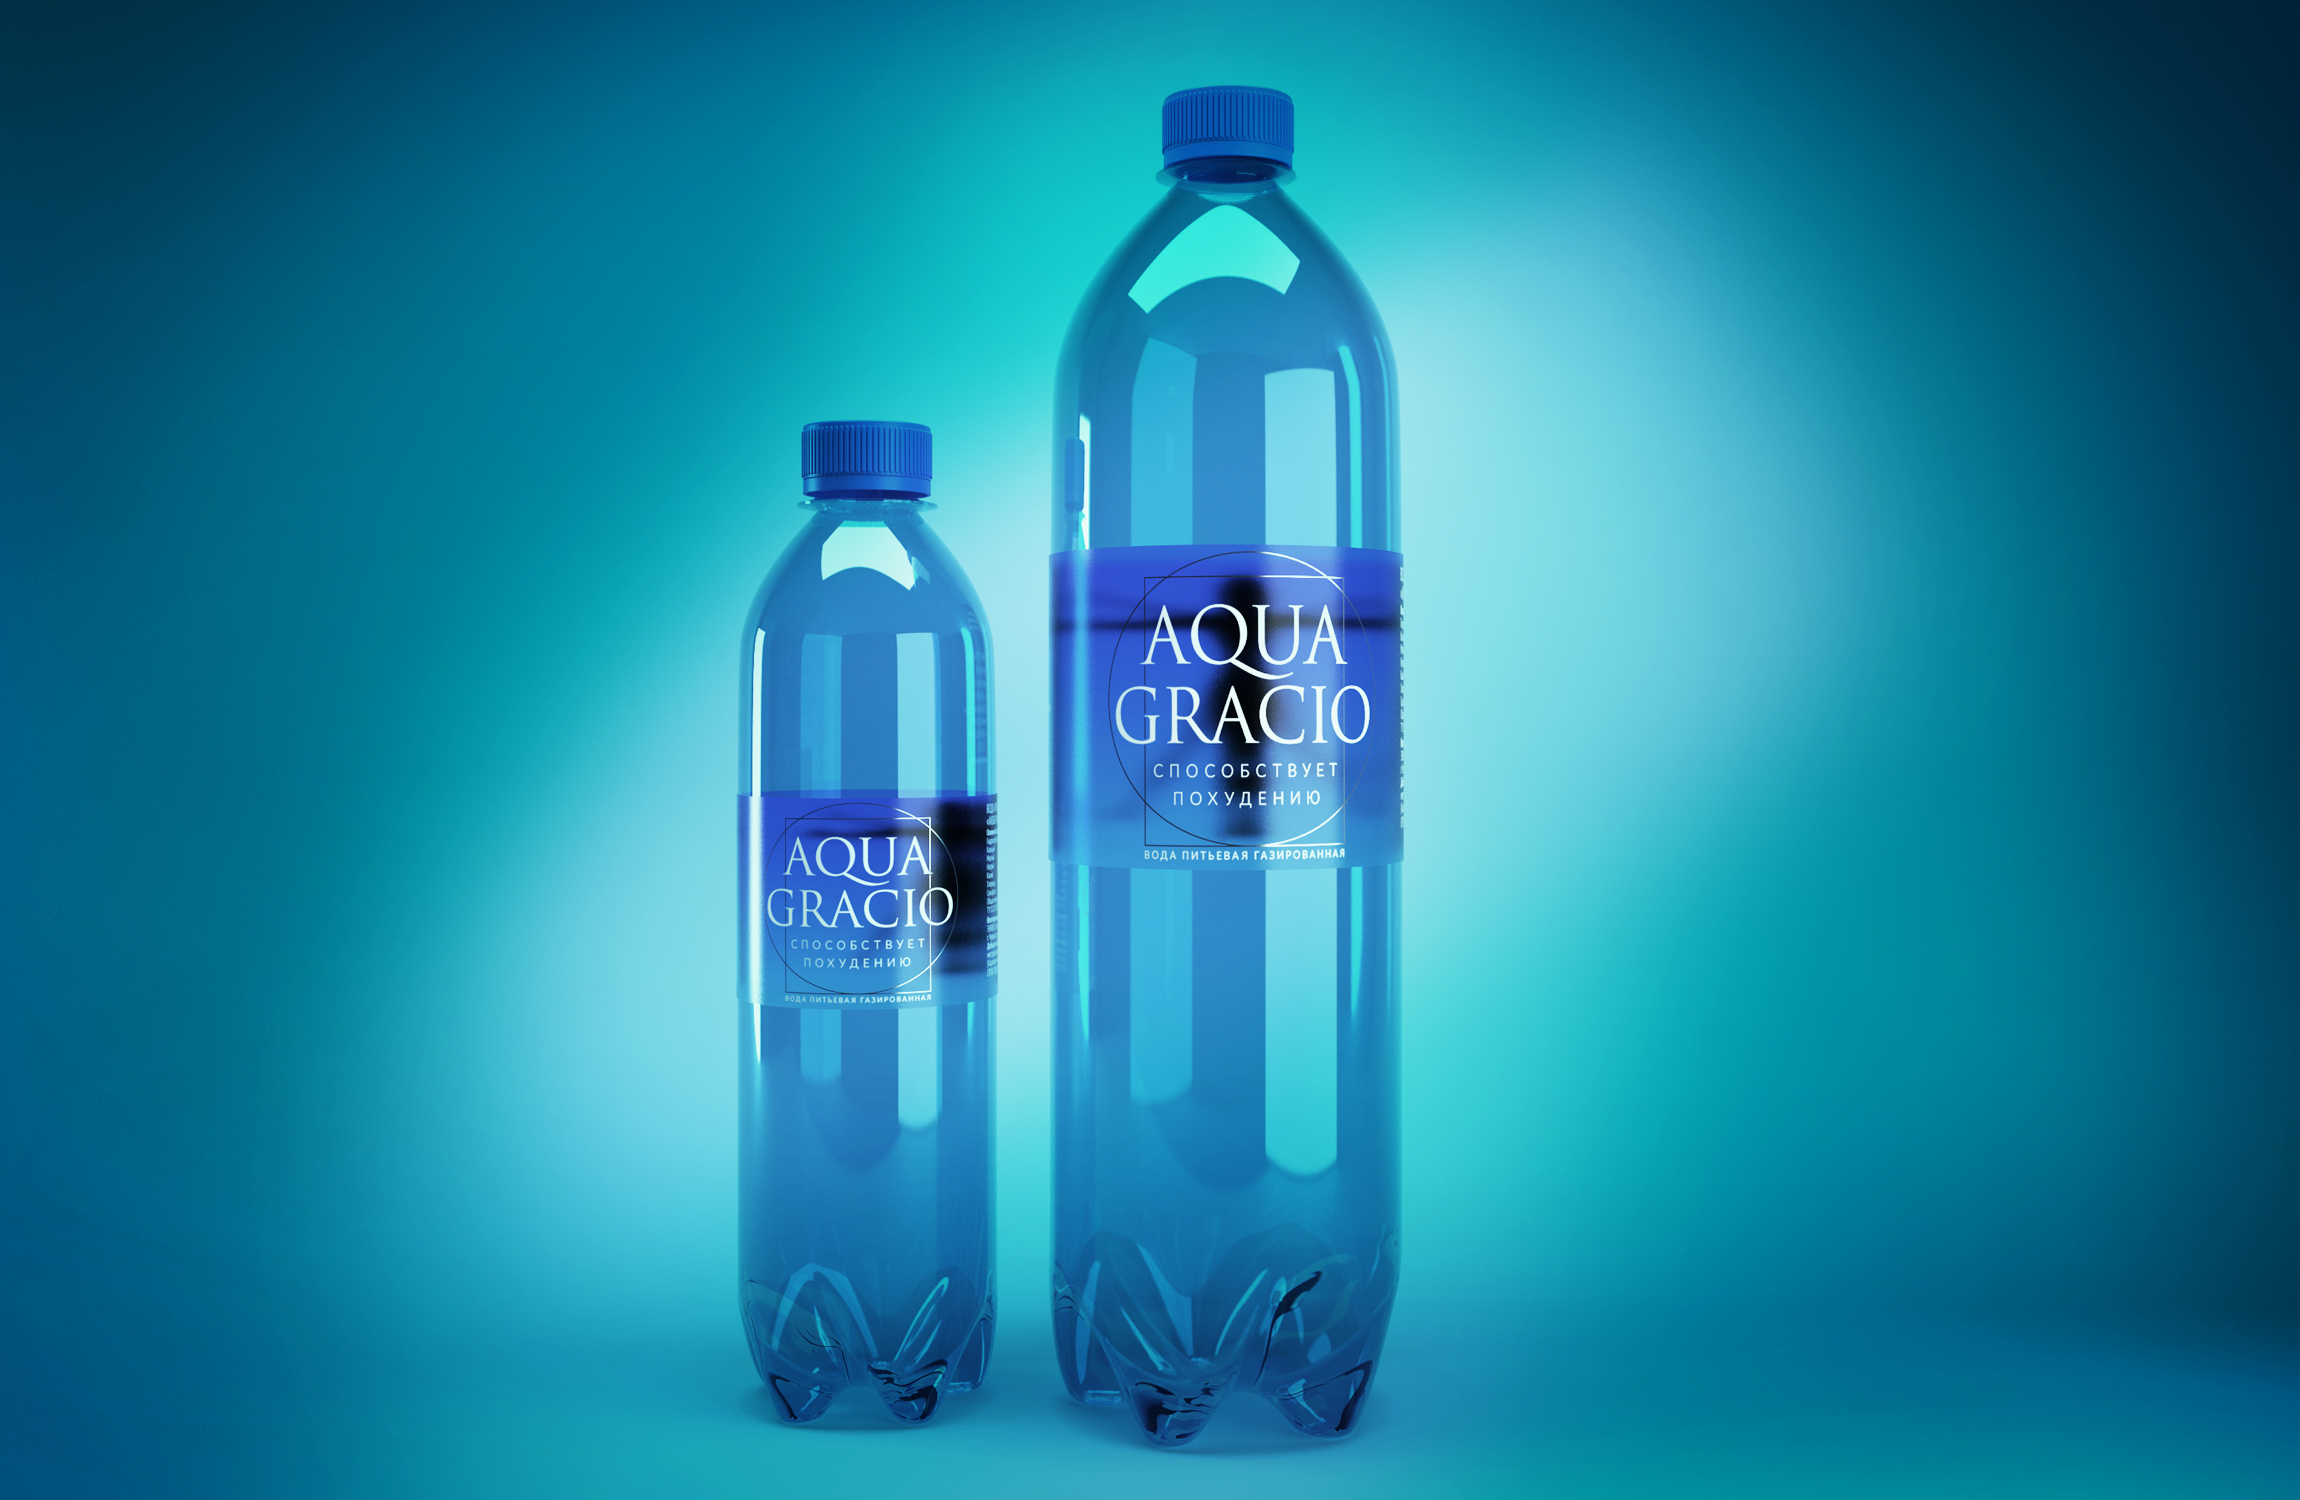 дизайн упаковки воды